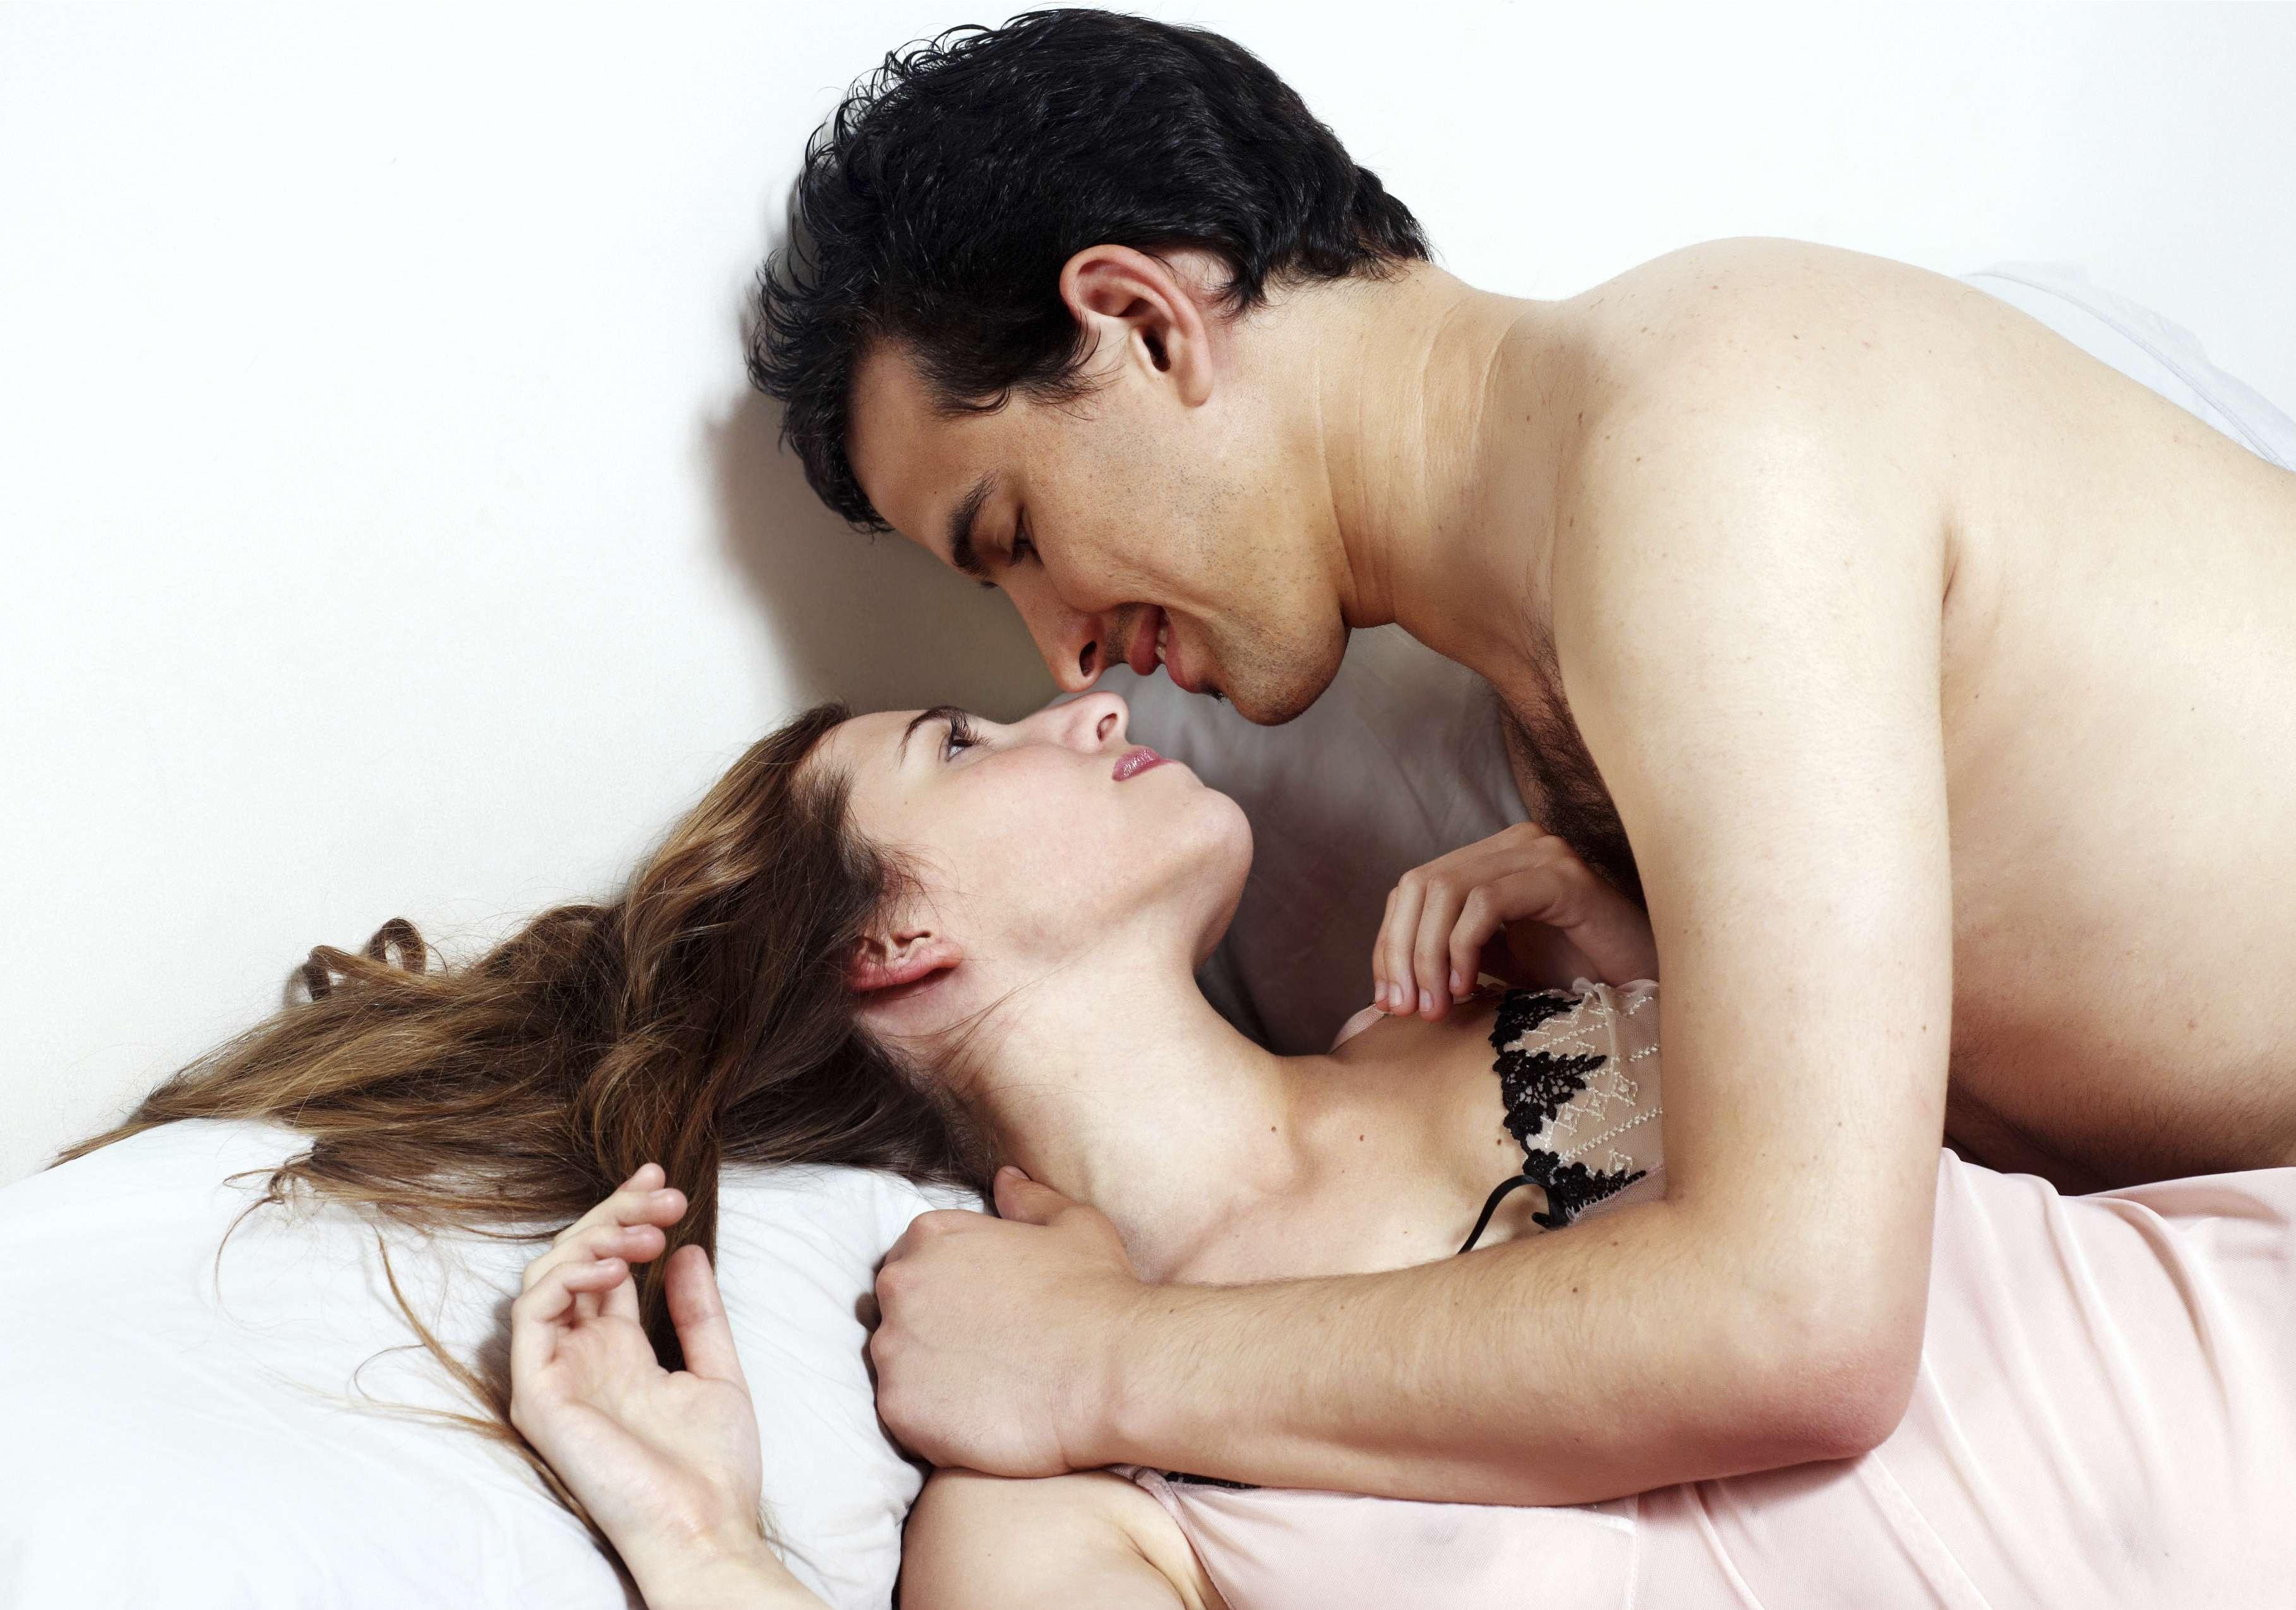 El insomnio y la depresión podrían ser causadas por la falta de relaciones sexuales. Foto: iStock